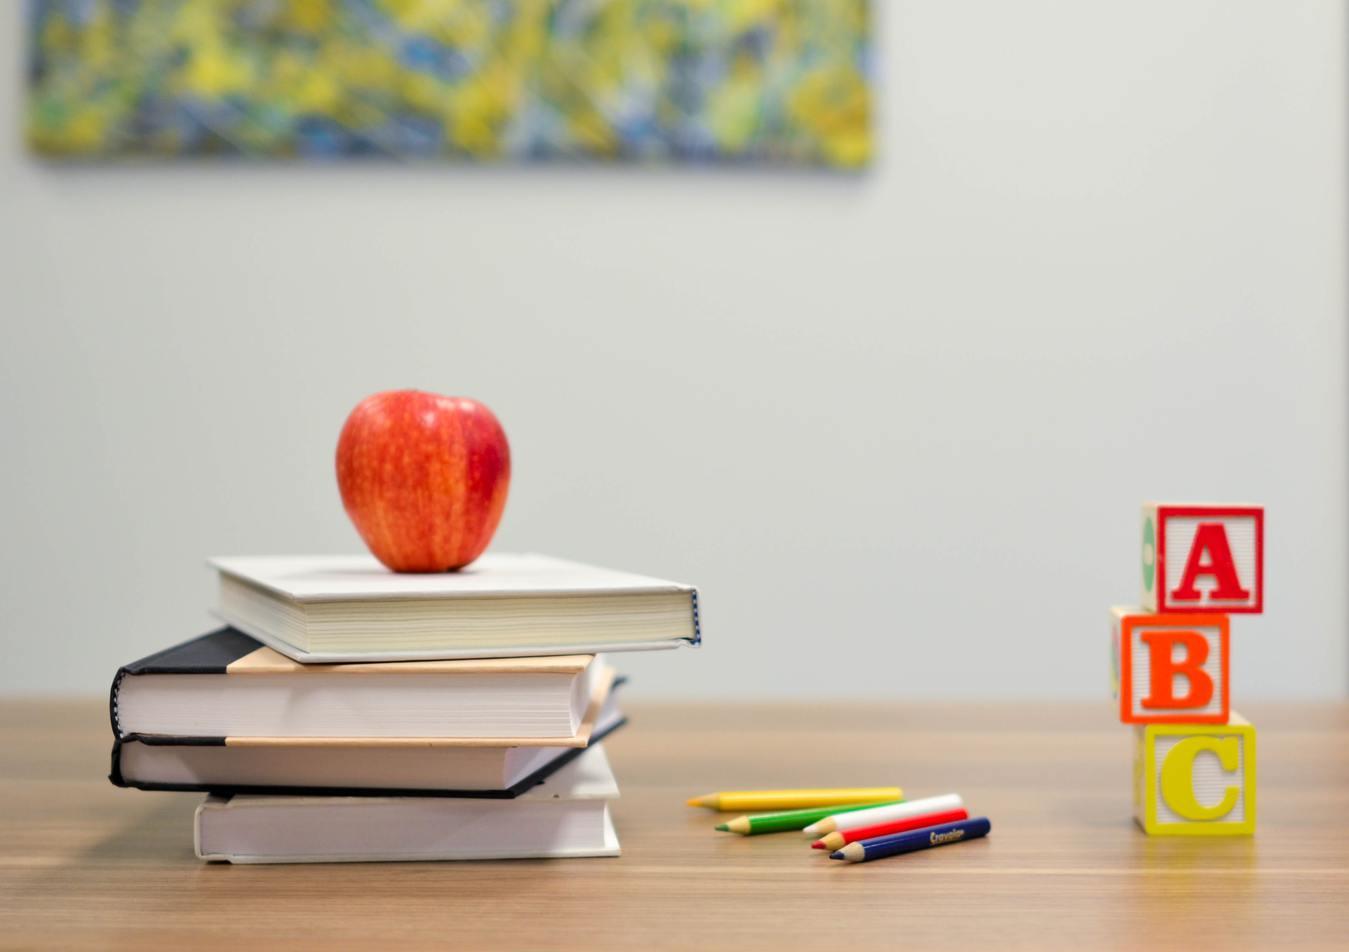 Książki, kredki, i bloczki ABC na biurku.